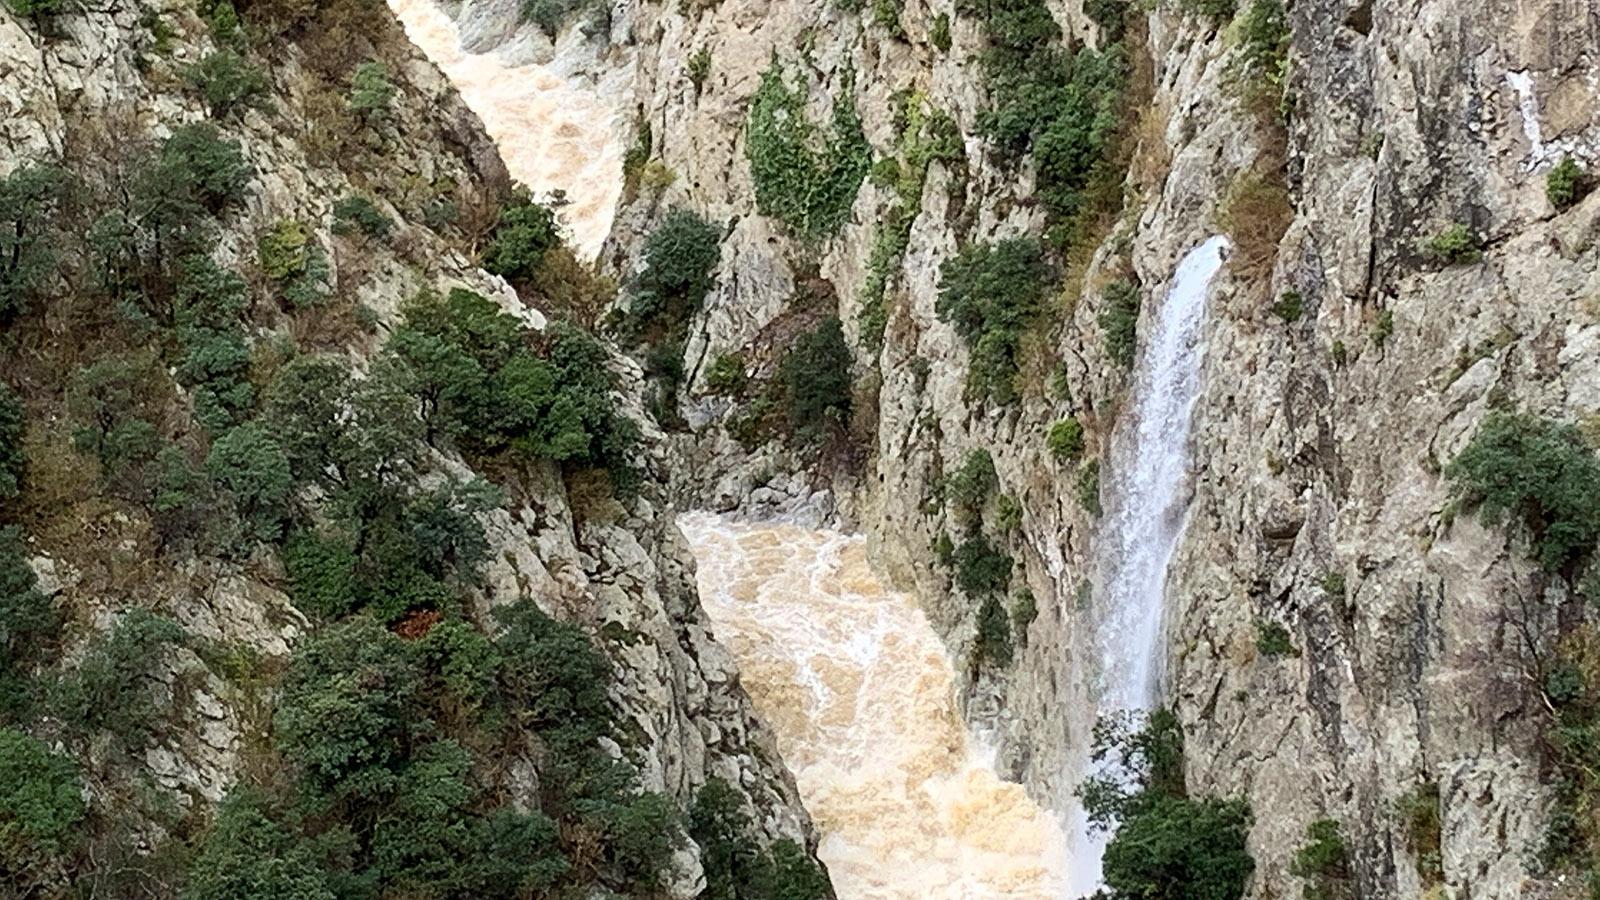 """Gorges de Galamus: Nach einer """"épisode méditerraneen"""" rauschen in der Schlucht die Wasserfälle, und der Agly gebiert sich als Wildwasser. Foto: Hilke Maunder"""